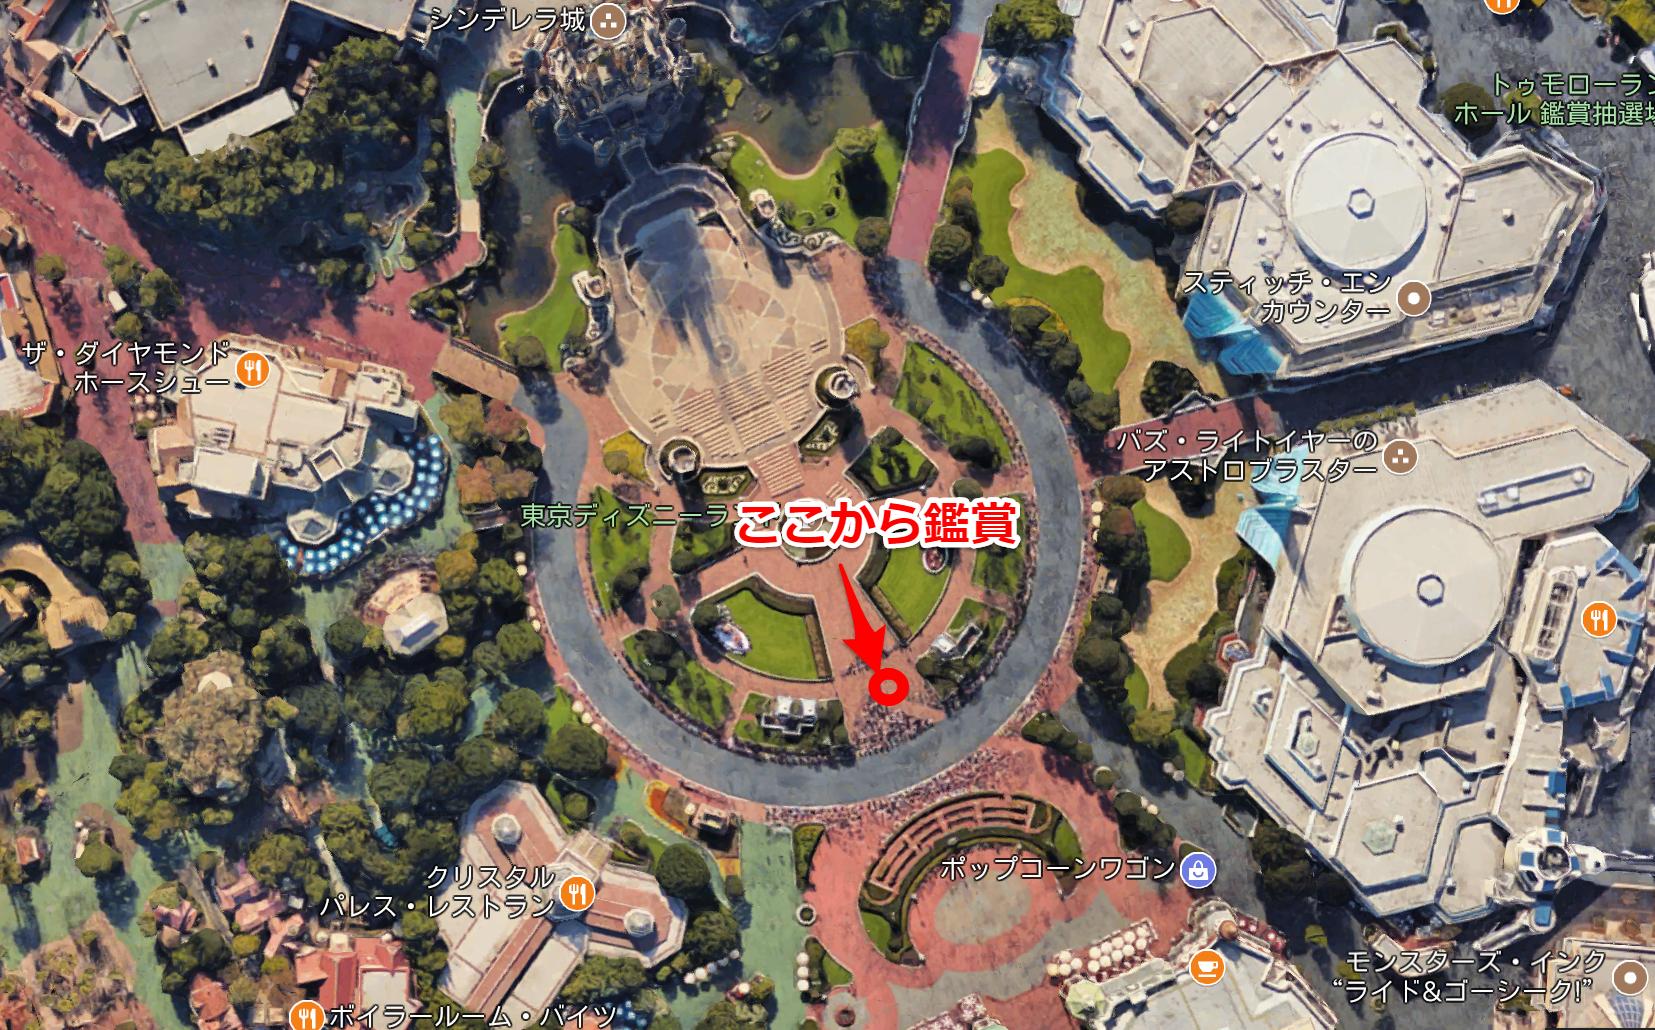 東京ディズニーランドハロウィンショー鑑賞場所